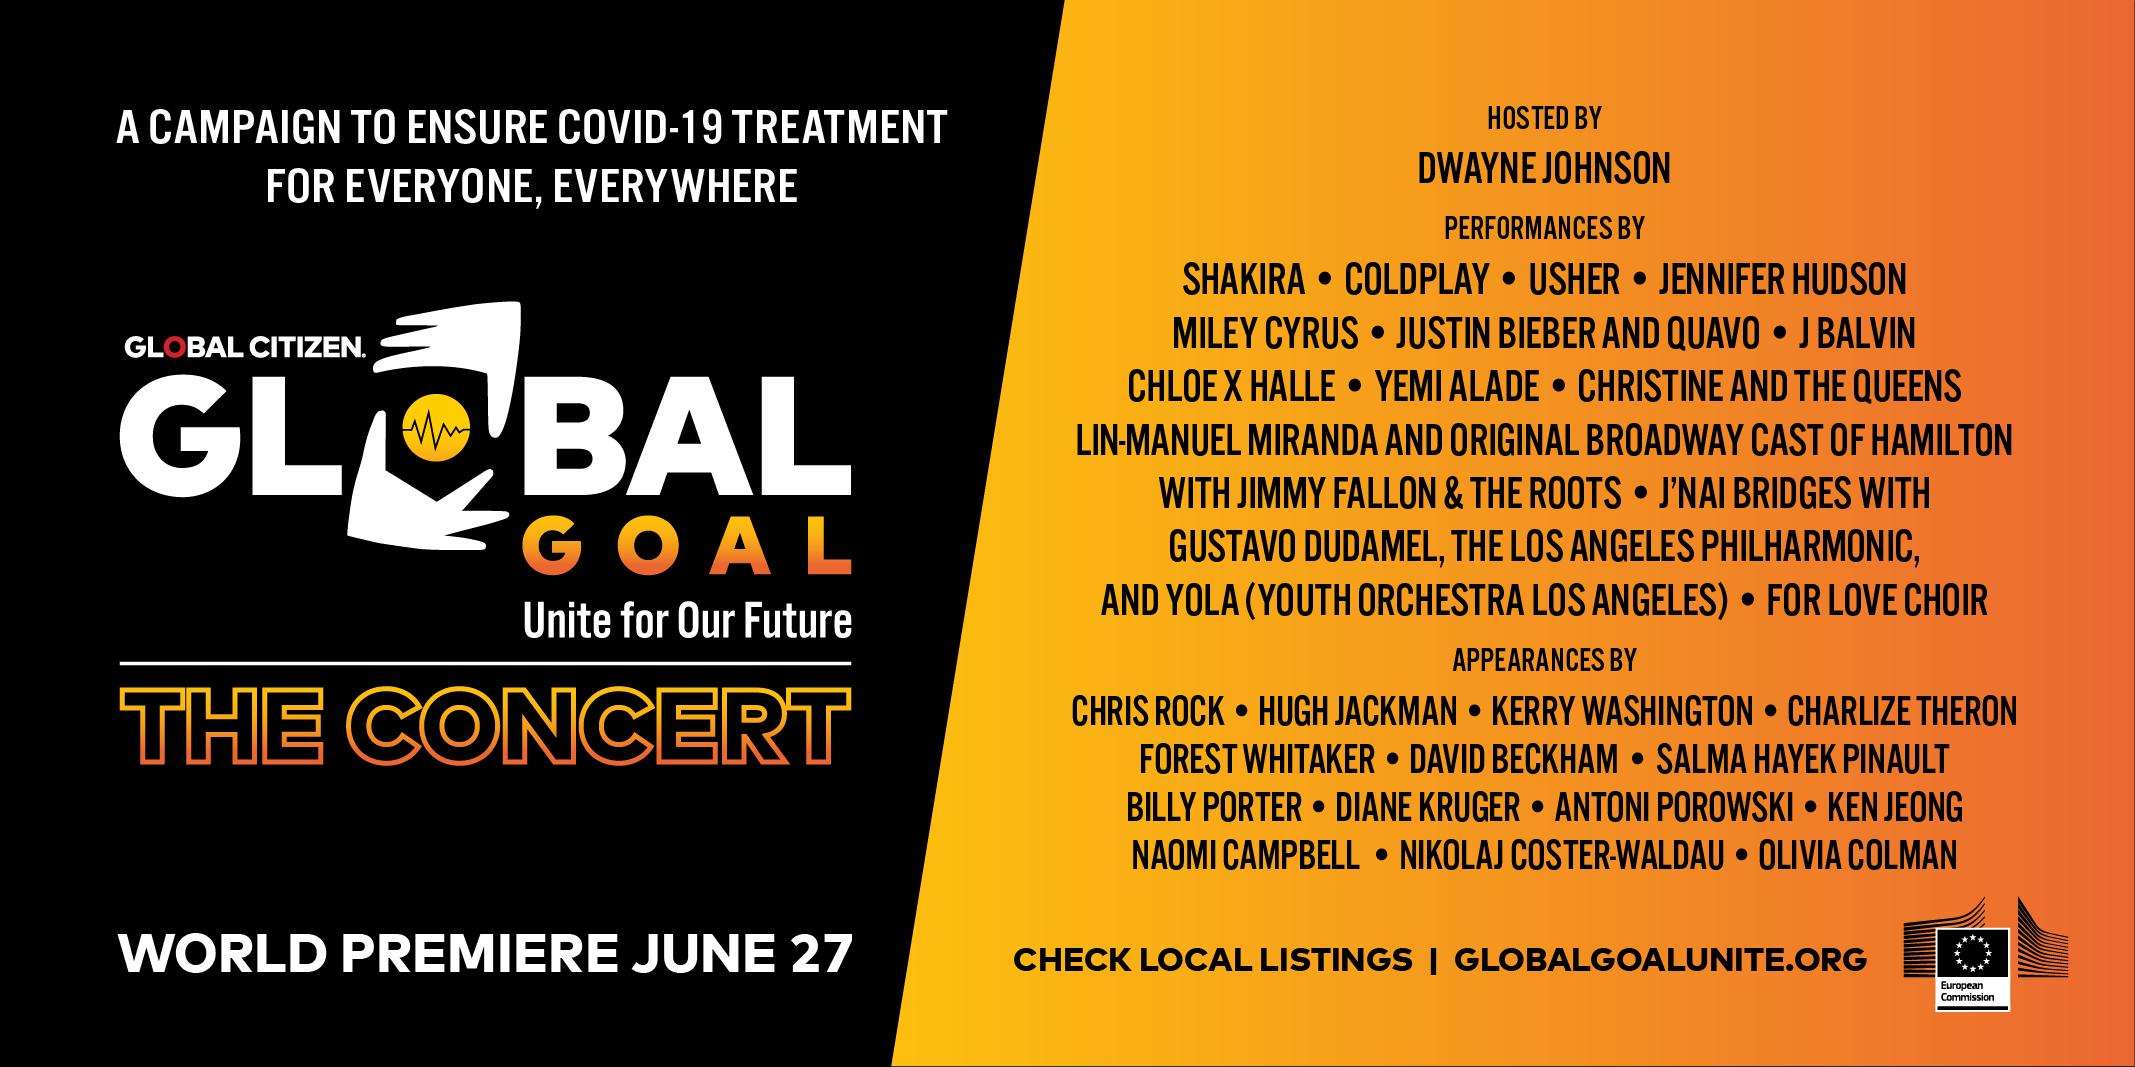 GGUFOF_concert_admat_EN_2_concert_email_twitter.png